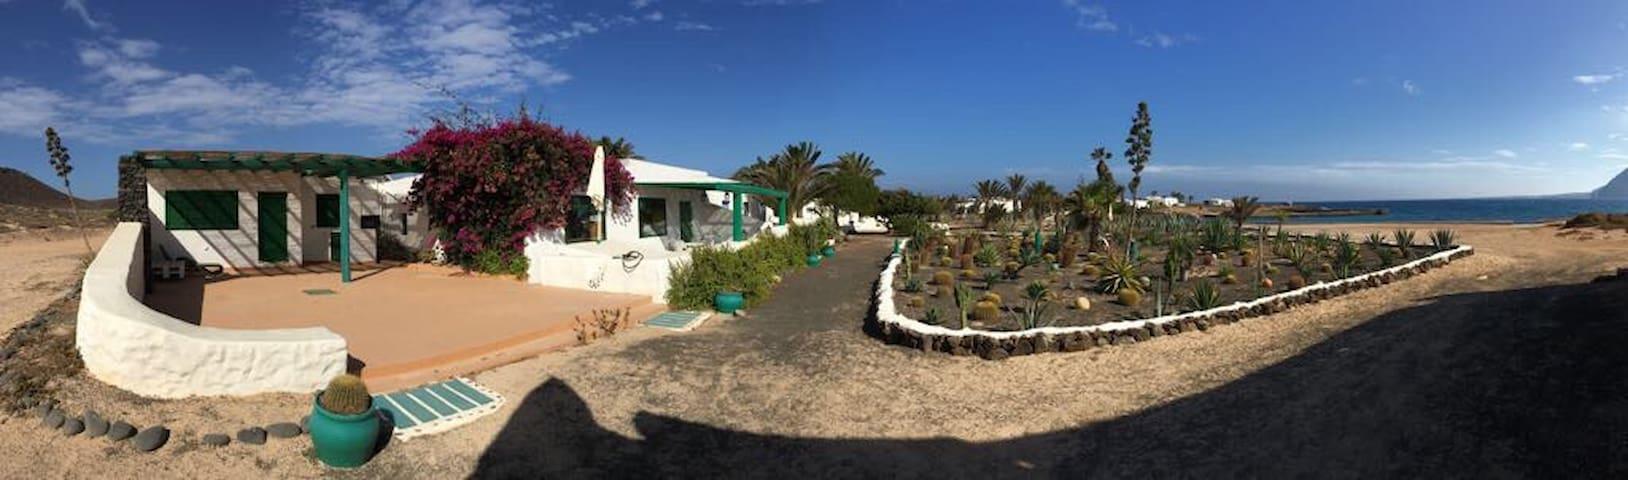 Seaside house in La Graciosa